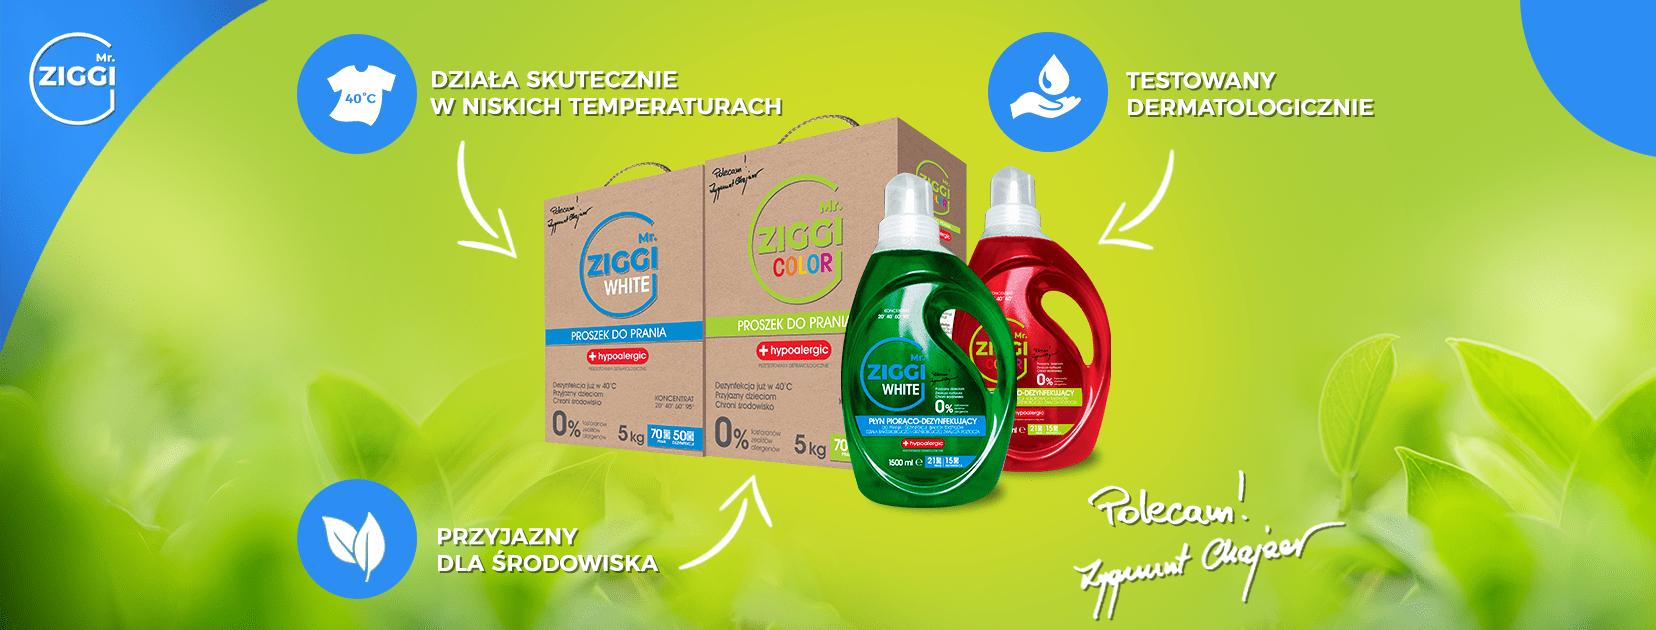 Ekologiczne środki do prania Mr. ZIGGI